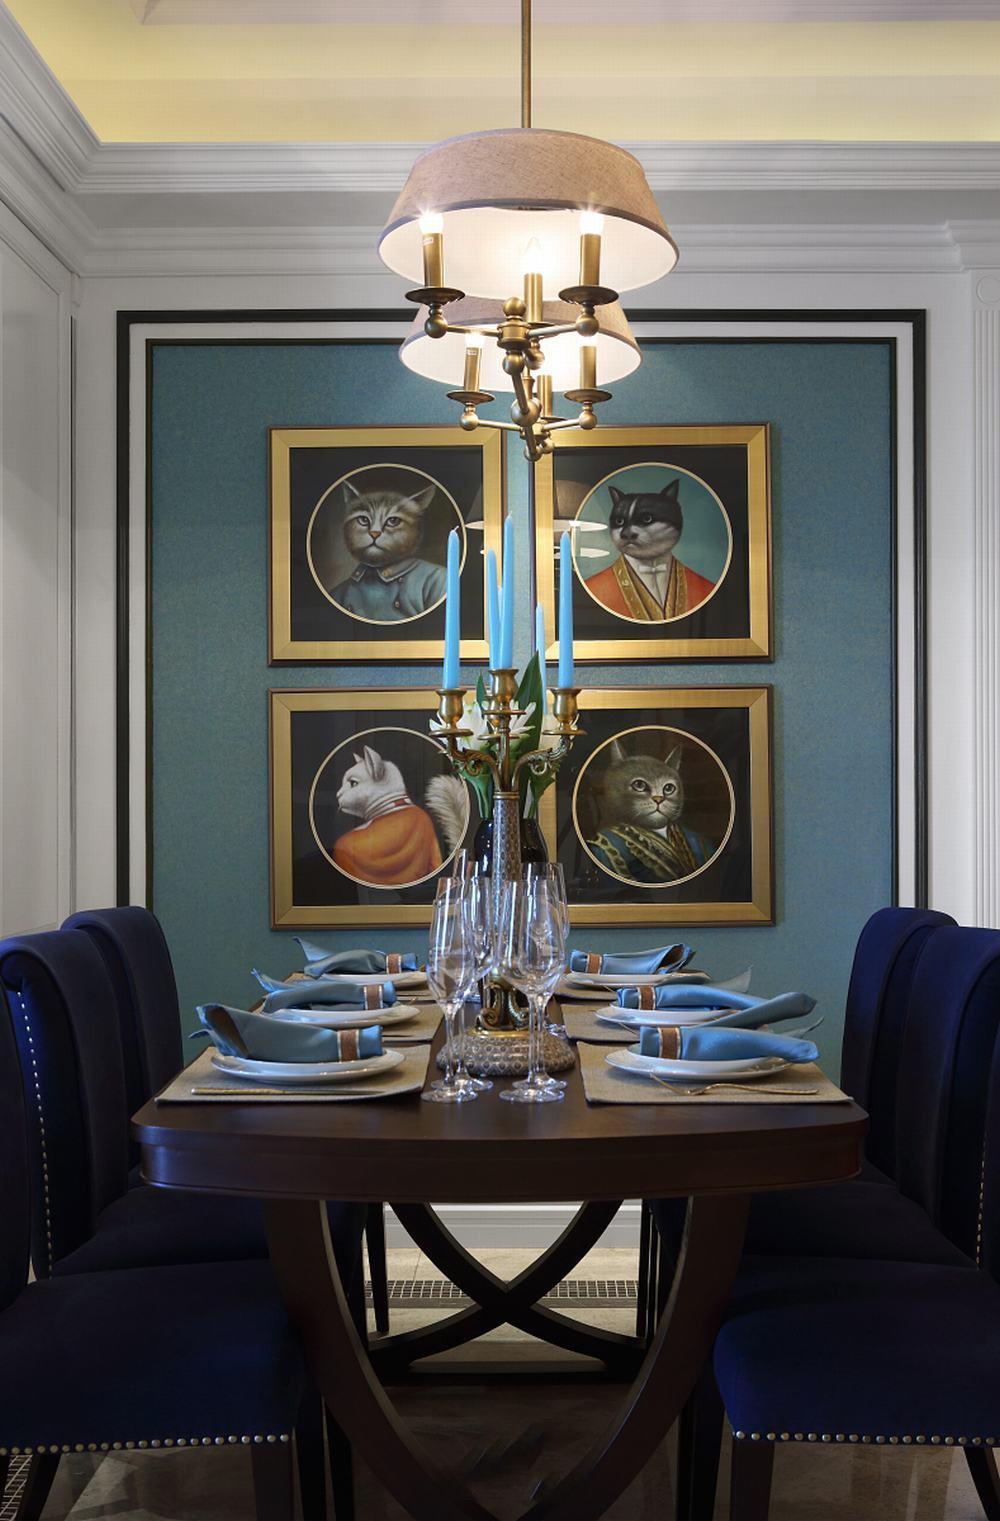 艺术美式新古典餐厅照片墙设计